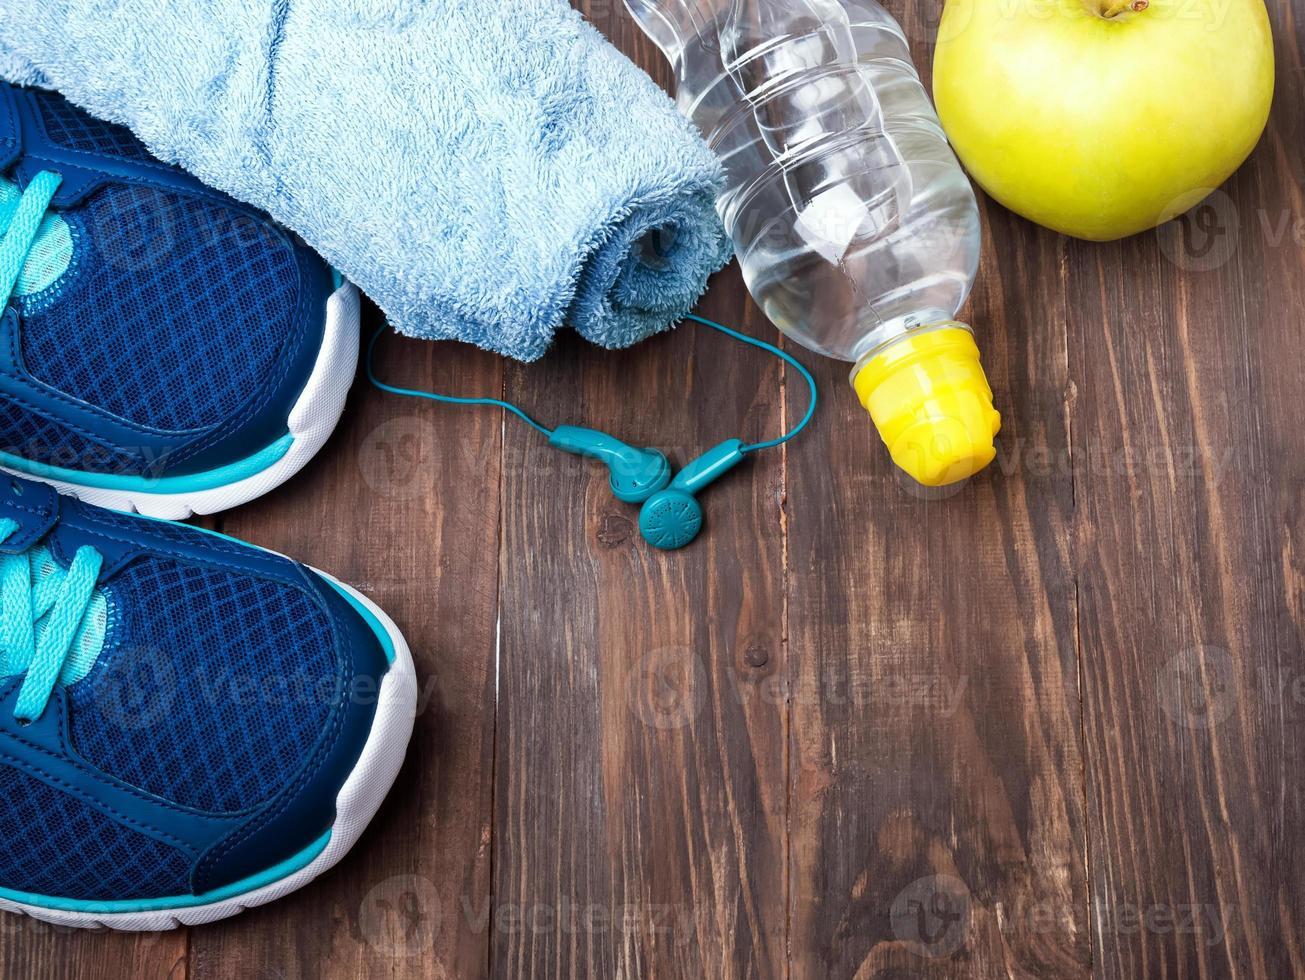 zapatillas, agua, toalla y auriculares en el fondo de madera foto